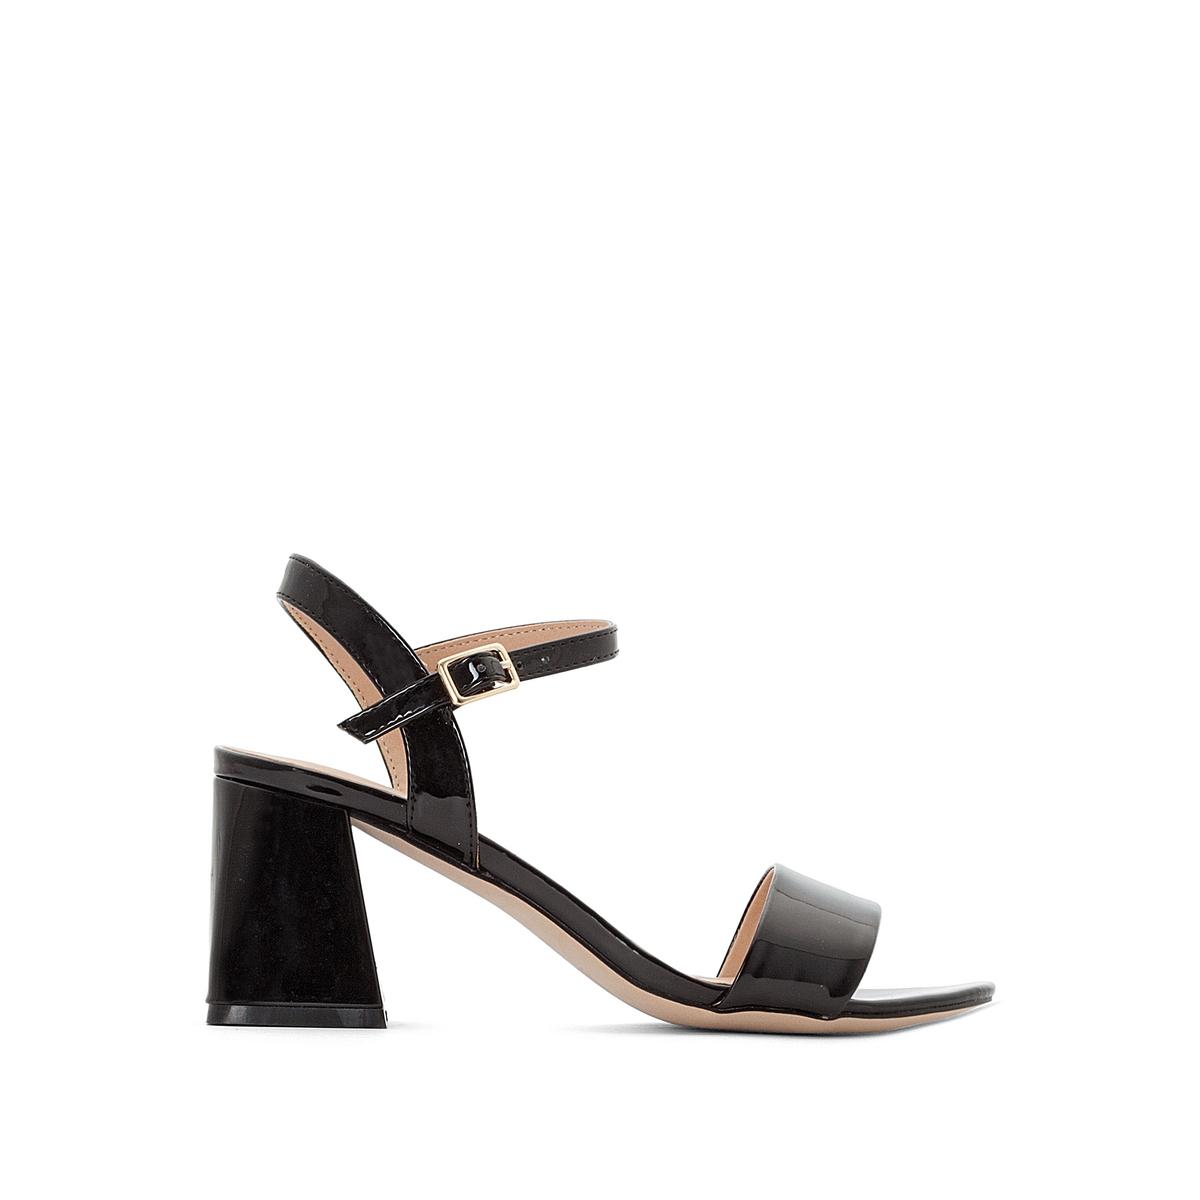 Босоножки кожаные лакированные на каблуке Gao цены онлайн